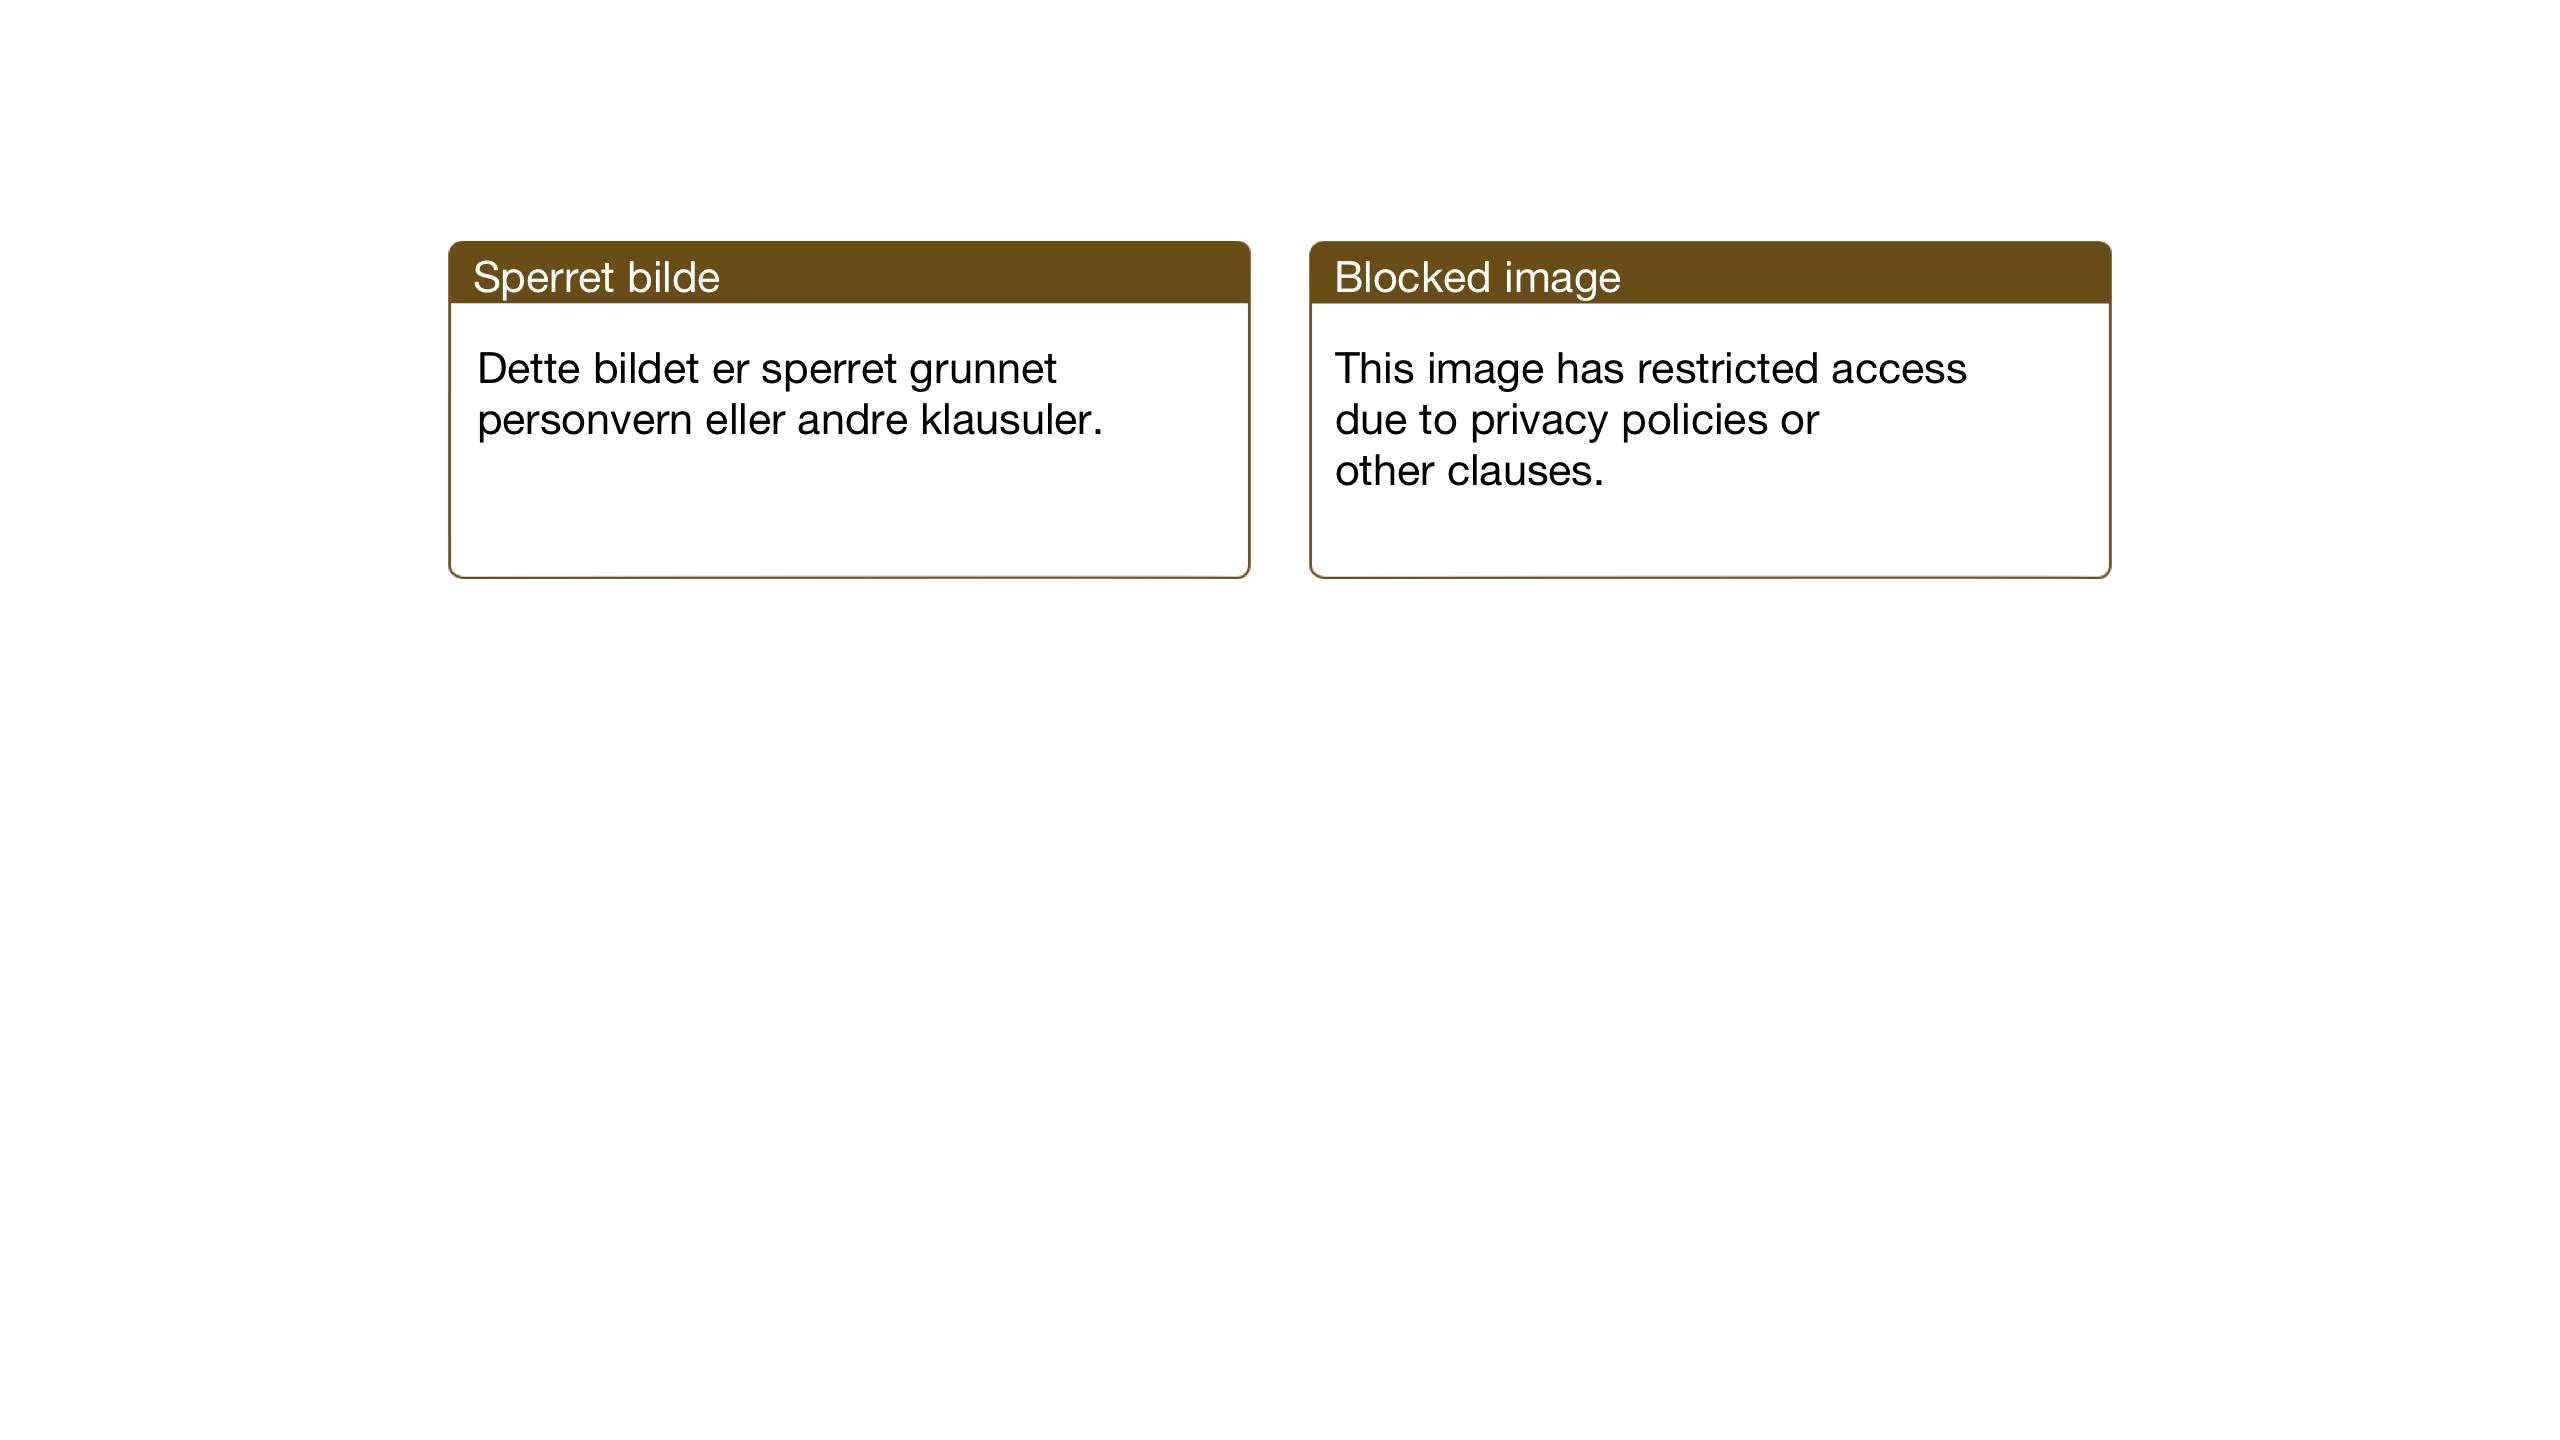 SAT, Ministerialprotokoller, klokkerbøker og fødselsregistre - Sør-Trøndelag, 674/L0878: Klokkerbok nr. 674C05, 1941-1950, s. 47